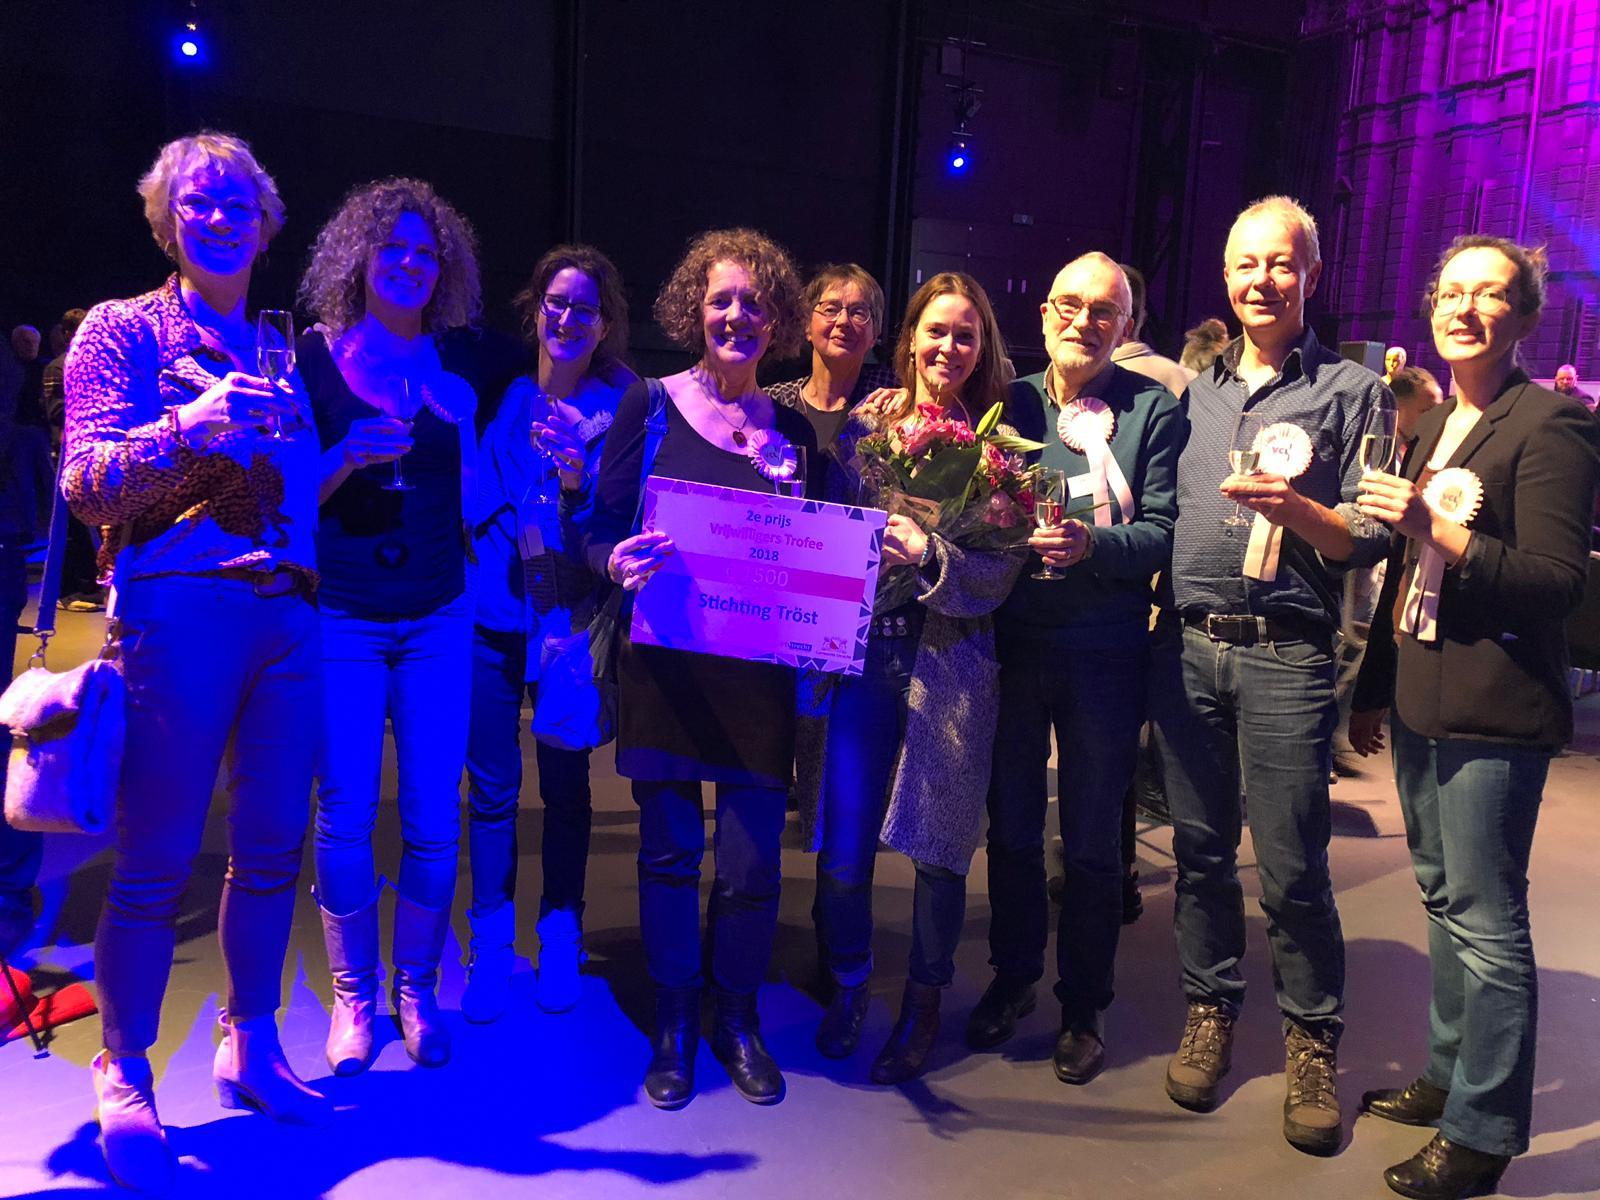 Utrecht Doet 2e plaats. 2018